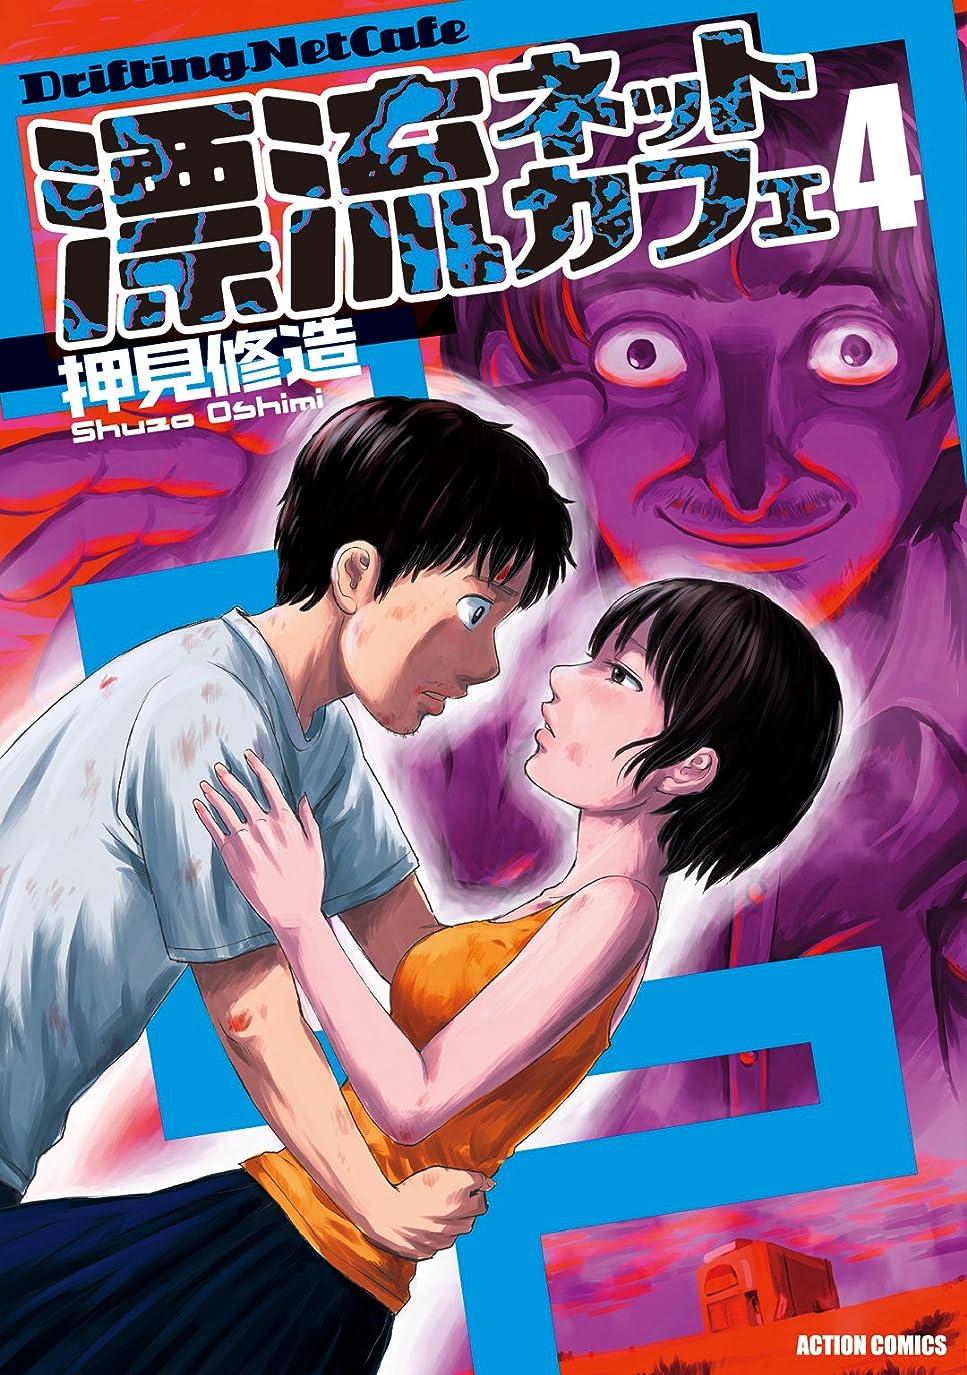 乱れ再撮りエキス漂流ネットカフェ : 4 (アクションコミックス)